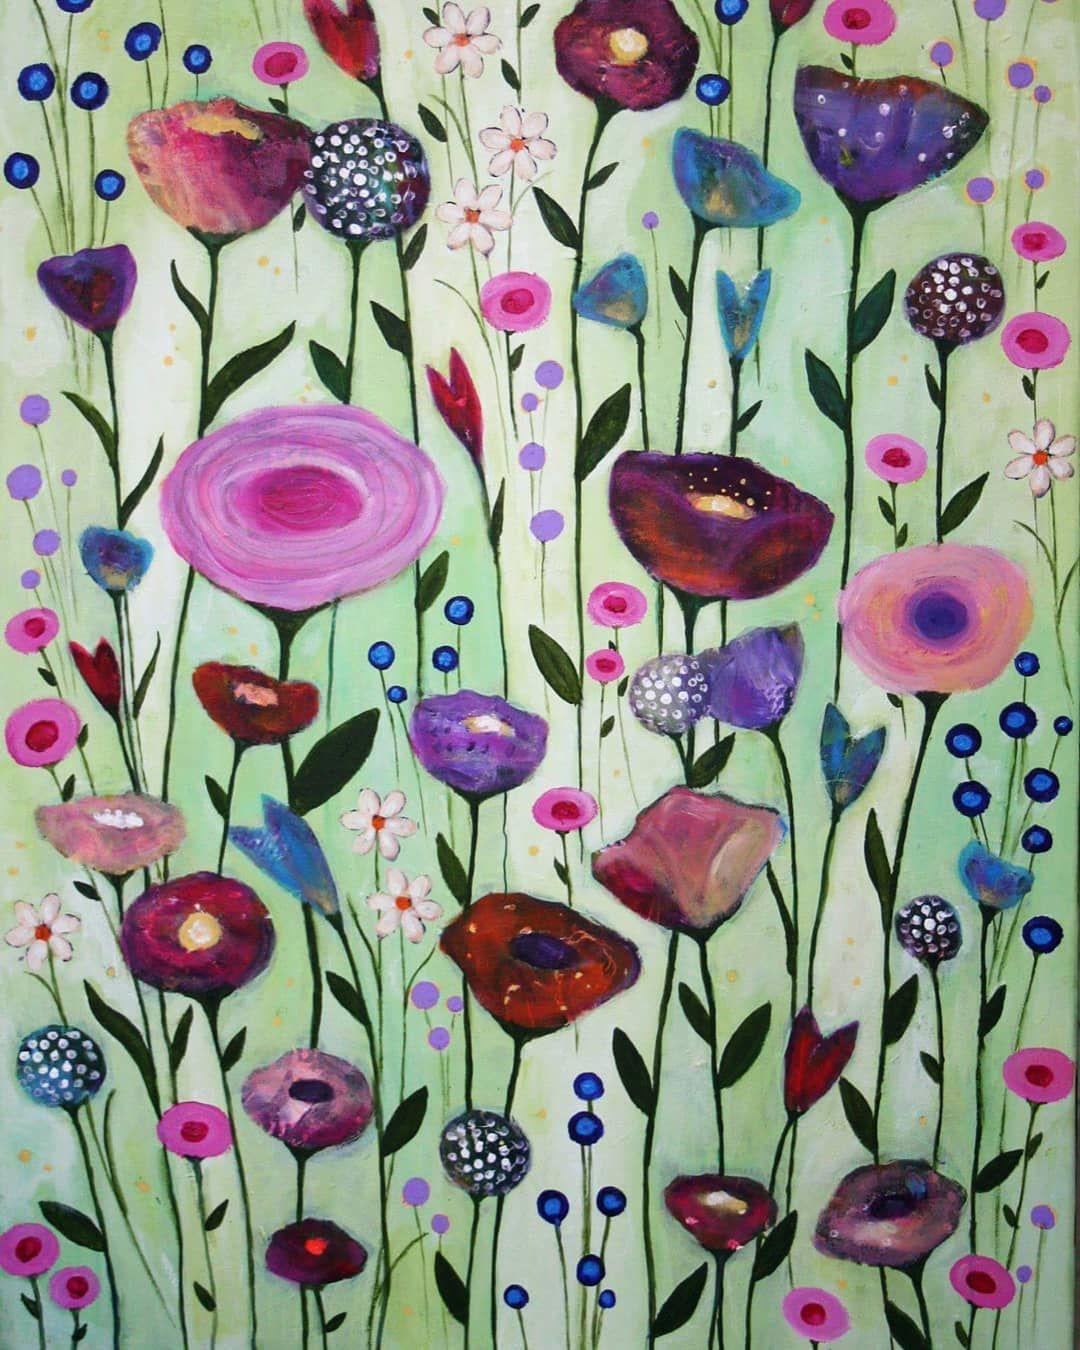 shanti ines kassebom on instagram flower garden acryl auf leinwand 60x80 cm ein alteres bild das schon langer verkauft art printed shower curtain prints 150x100 a1